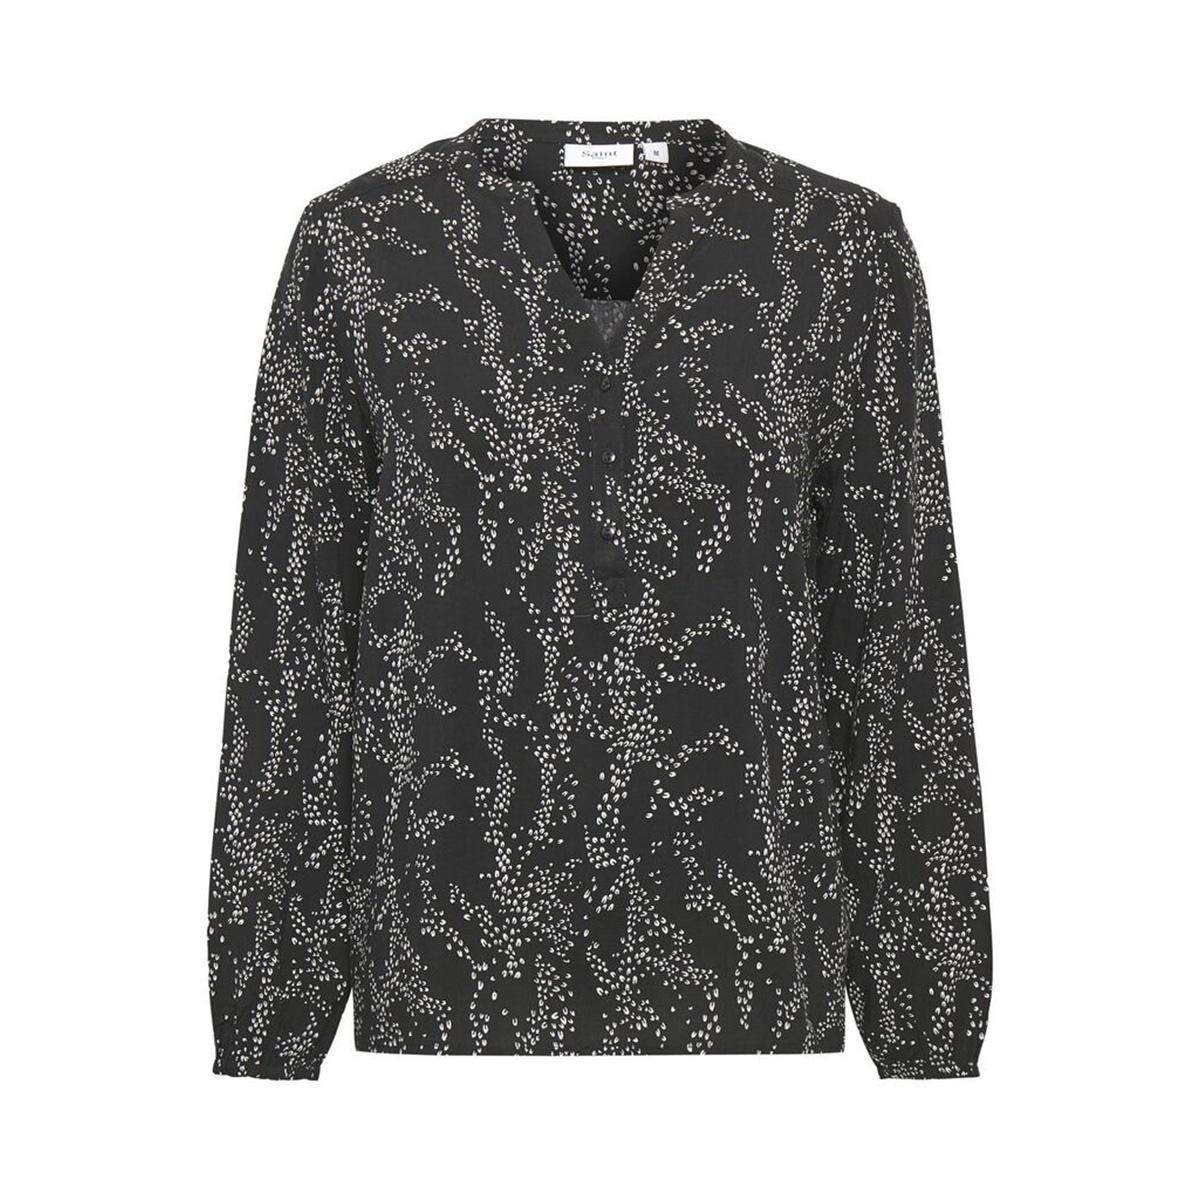 woven shirt l s 30501411 saint tropez blouse 19 3911